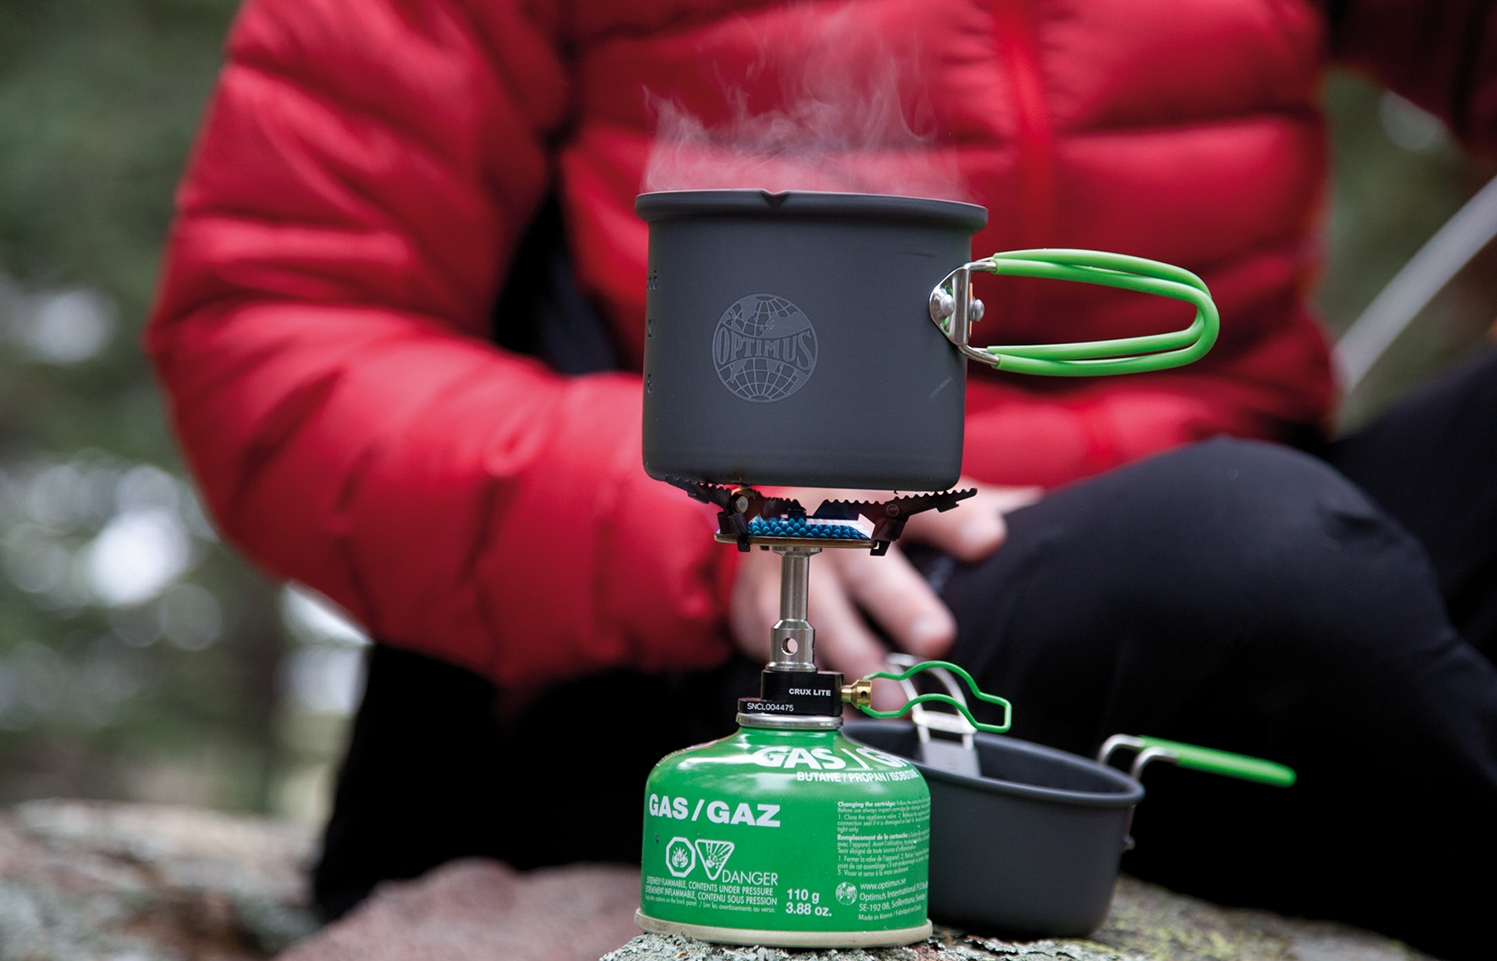 Мини горелка газовая: разновидности, обзор лучших моделей